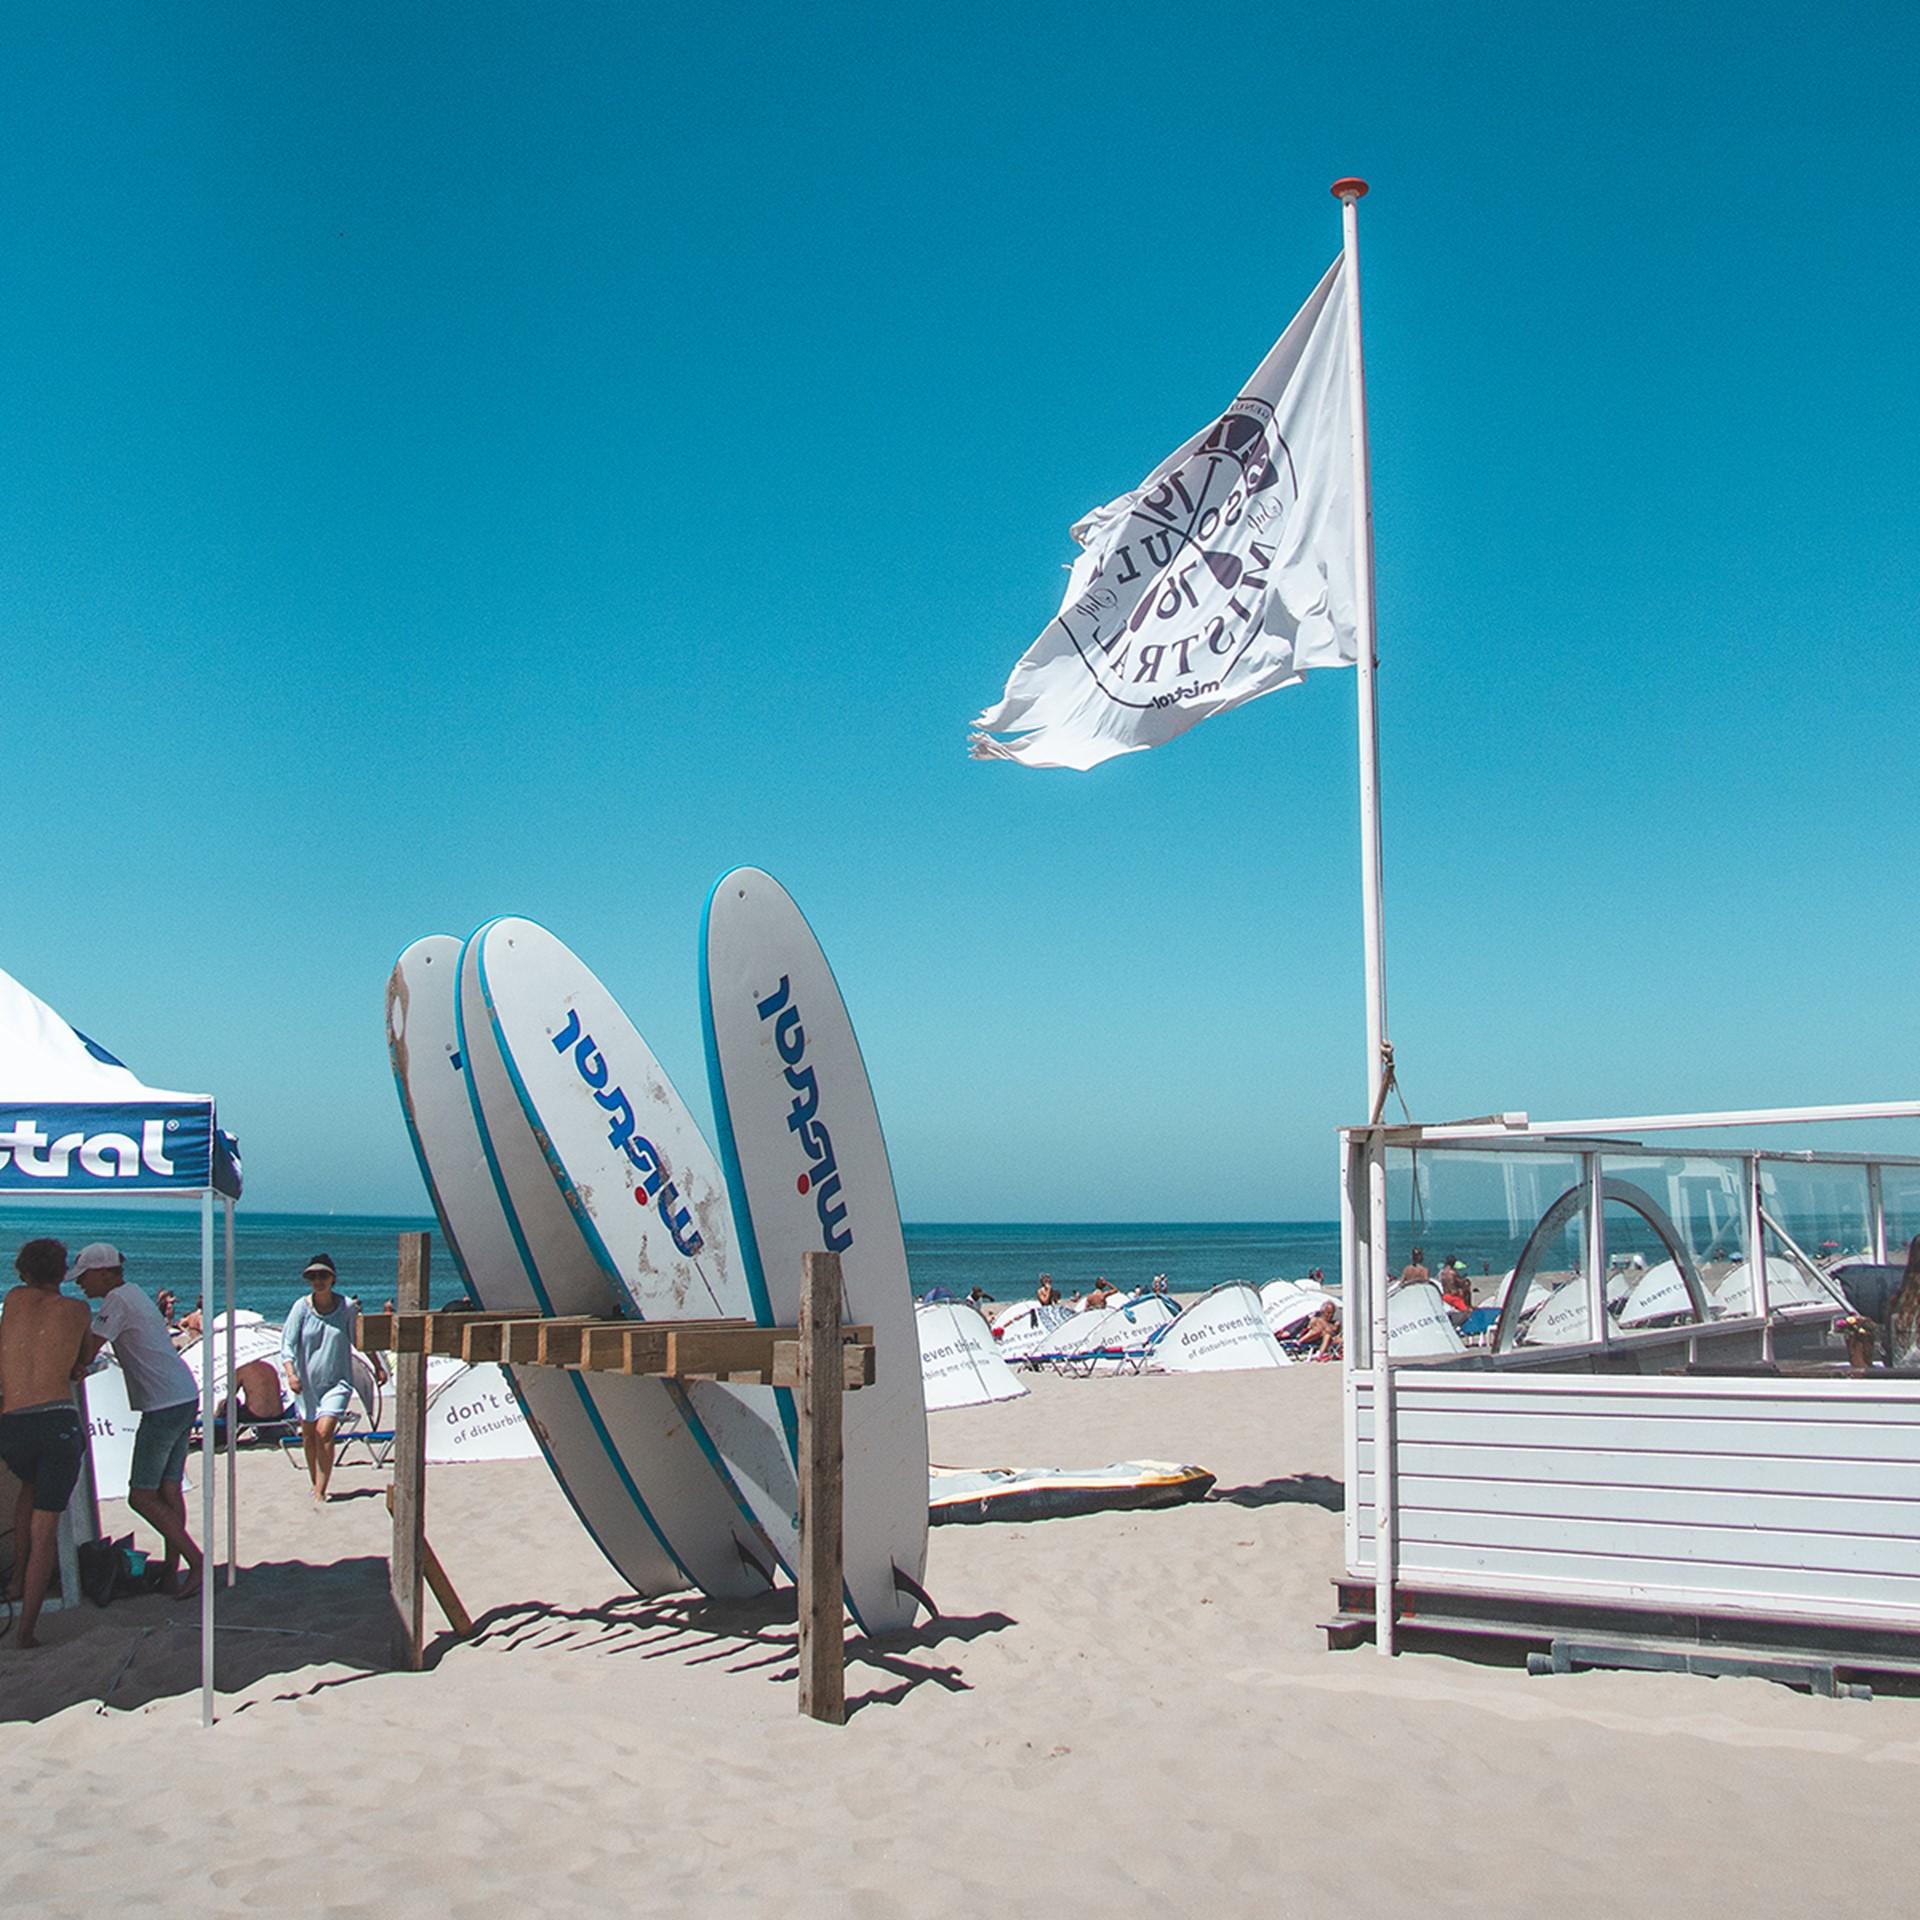 beach surfen.jpg